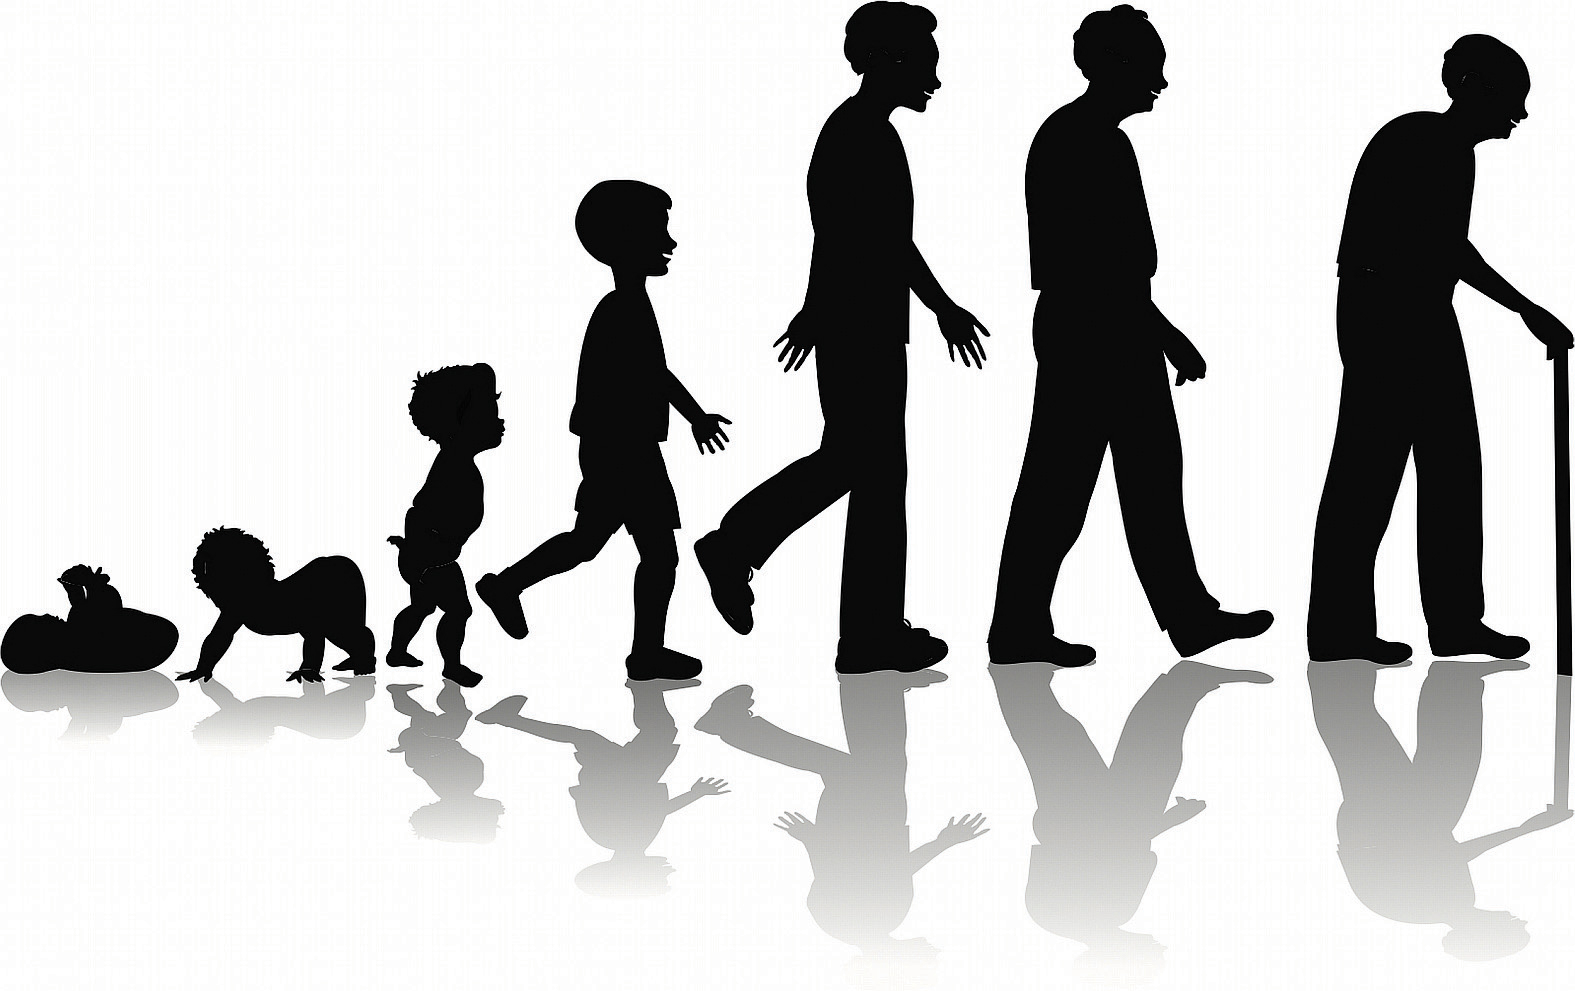 वैज्ञानिको ने खोला राज: इतने साल तक जिंदा रह सकते हैं इंसान